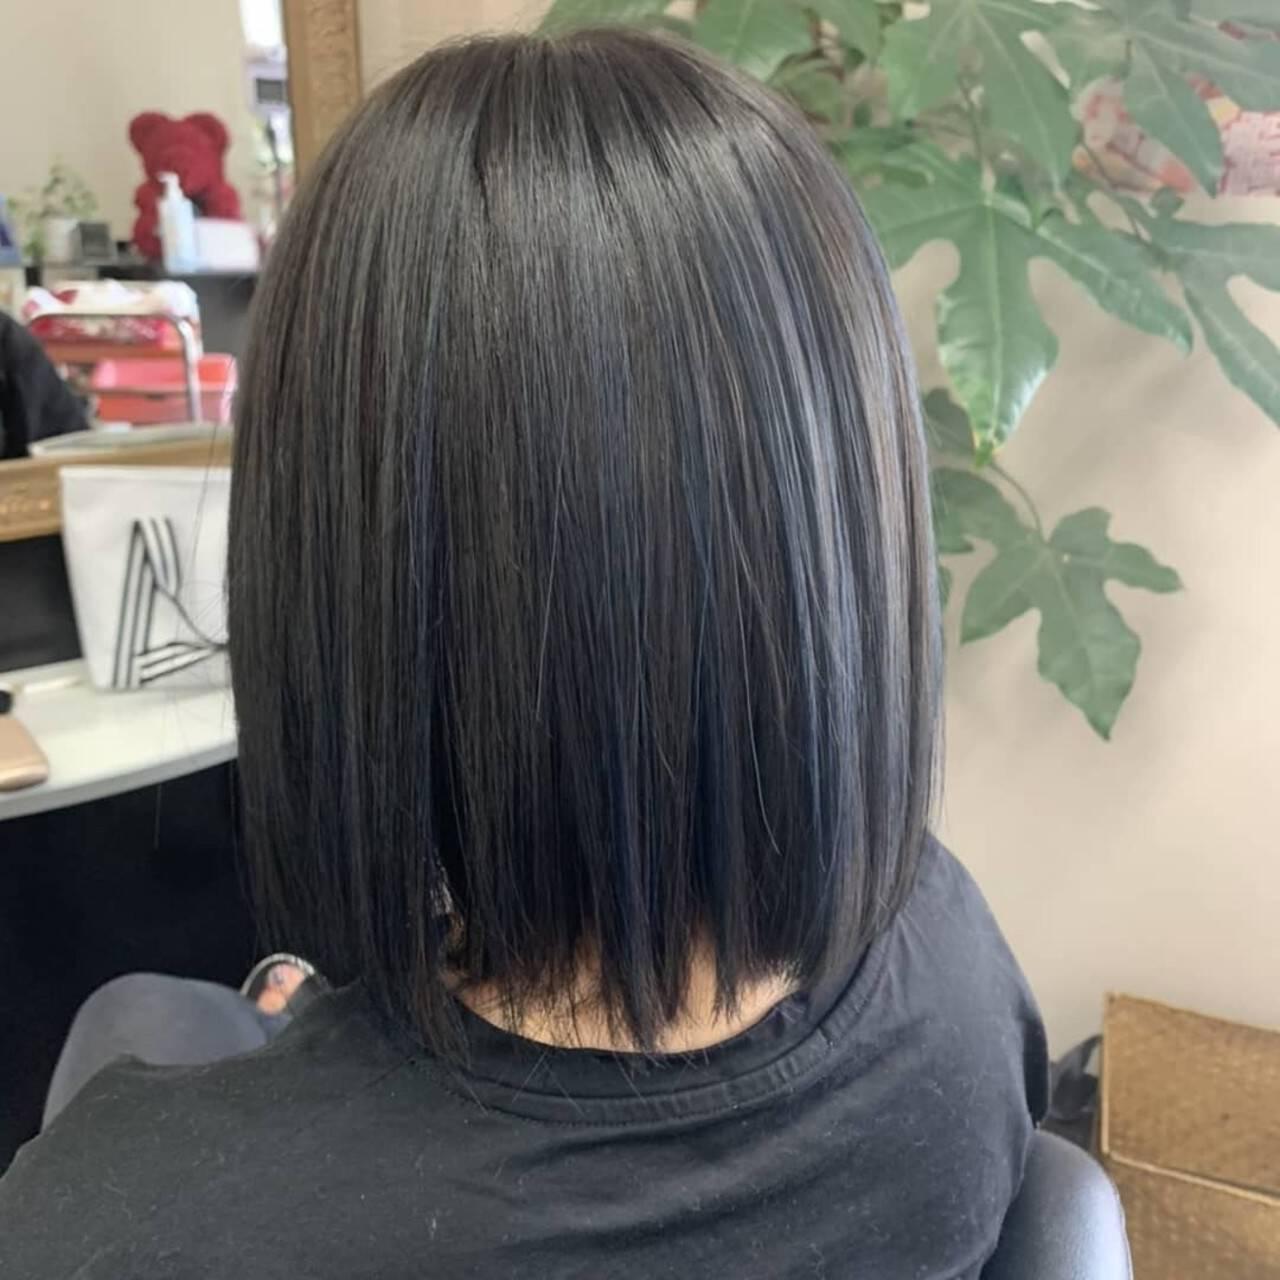 ハイライト モード ボブ アッシュグレーヘアスタイルや髪型の写真・画像